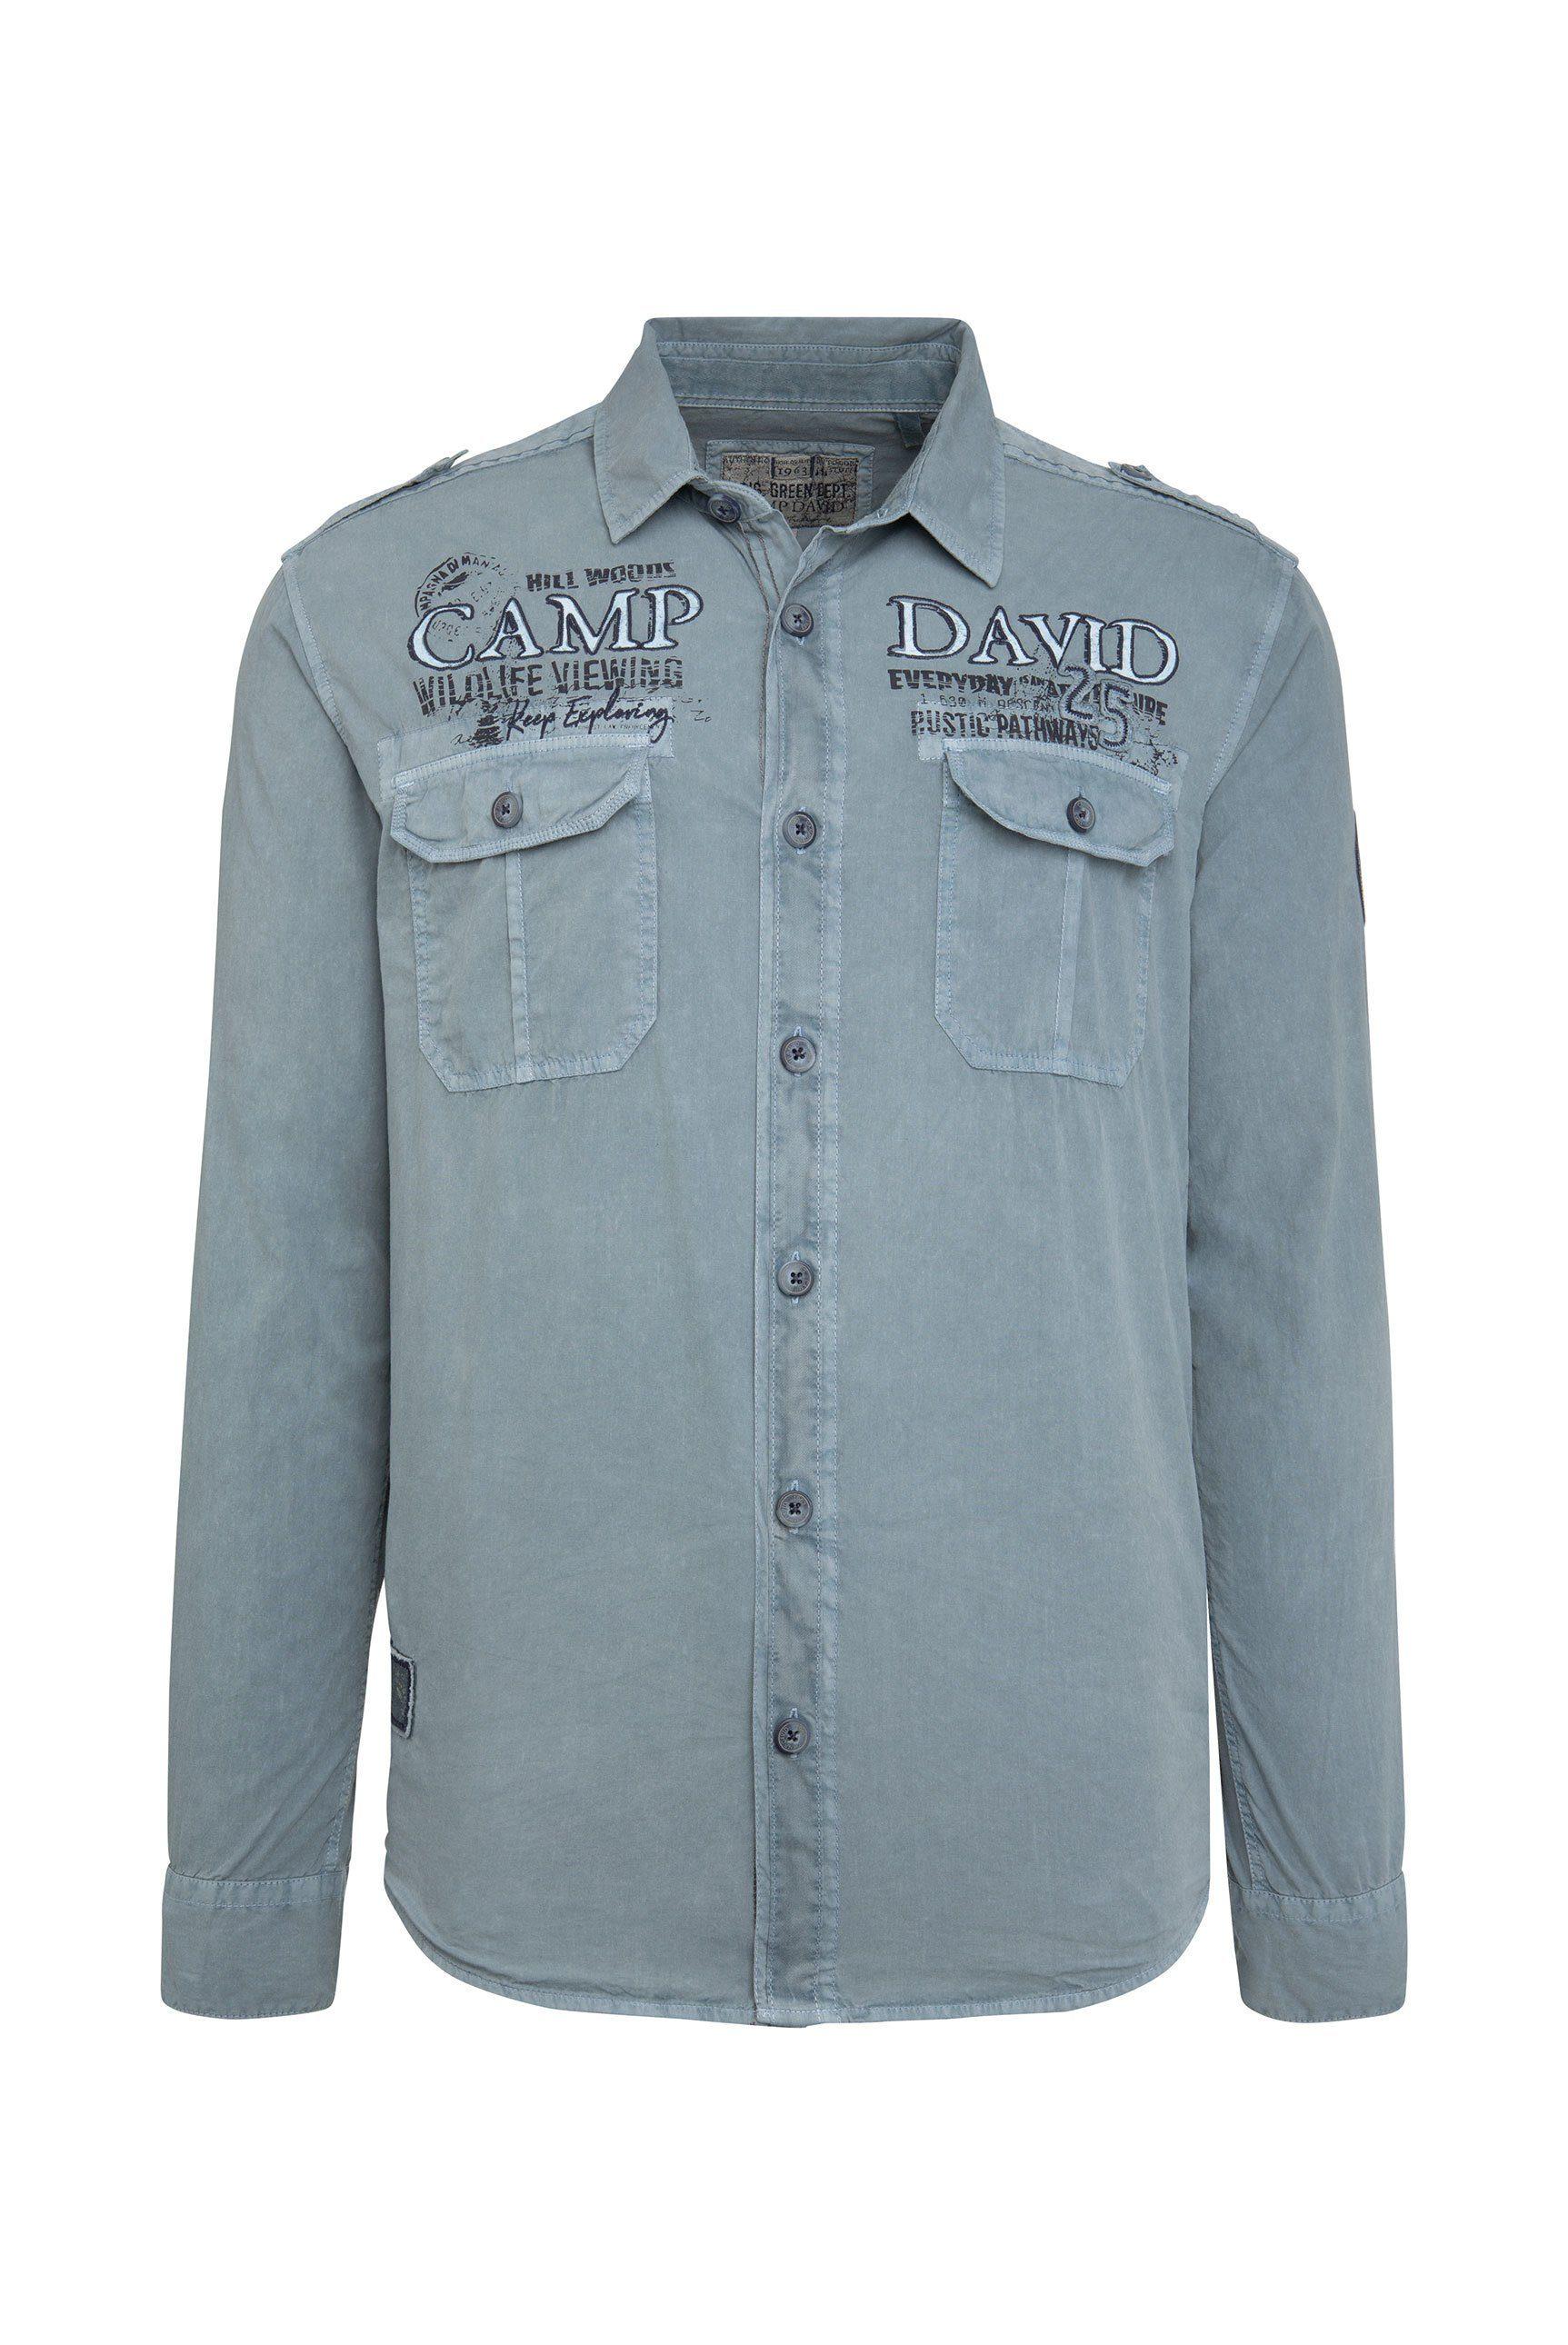 Online Kaufen Langarmhemd David Camp Brusttaschen fgYb67y